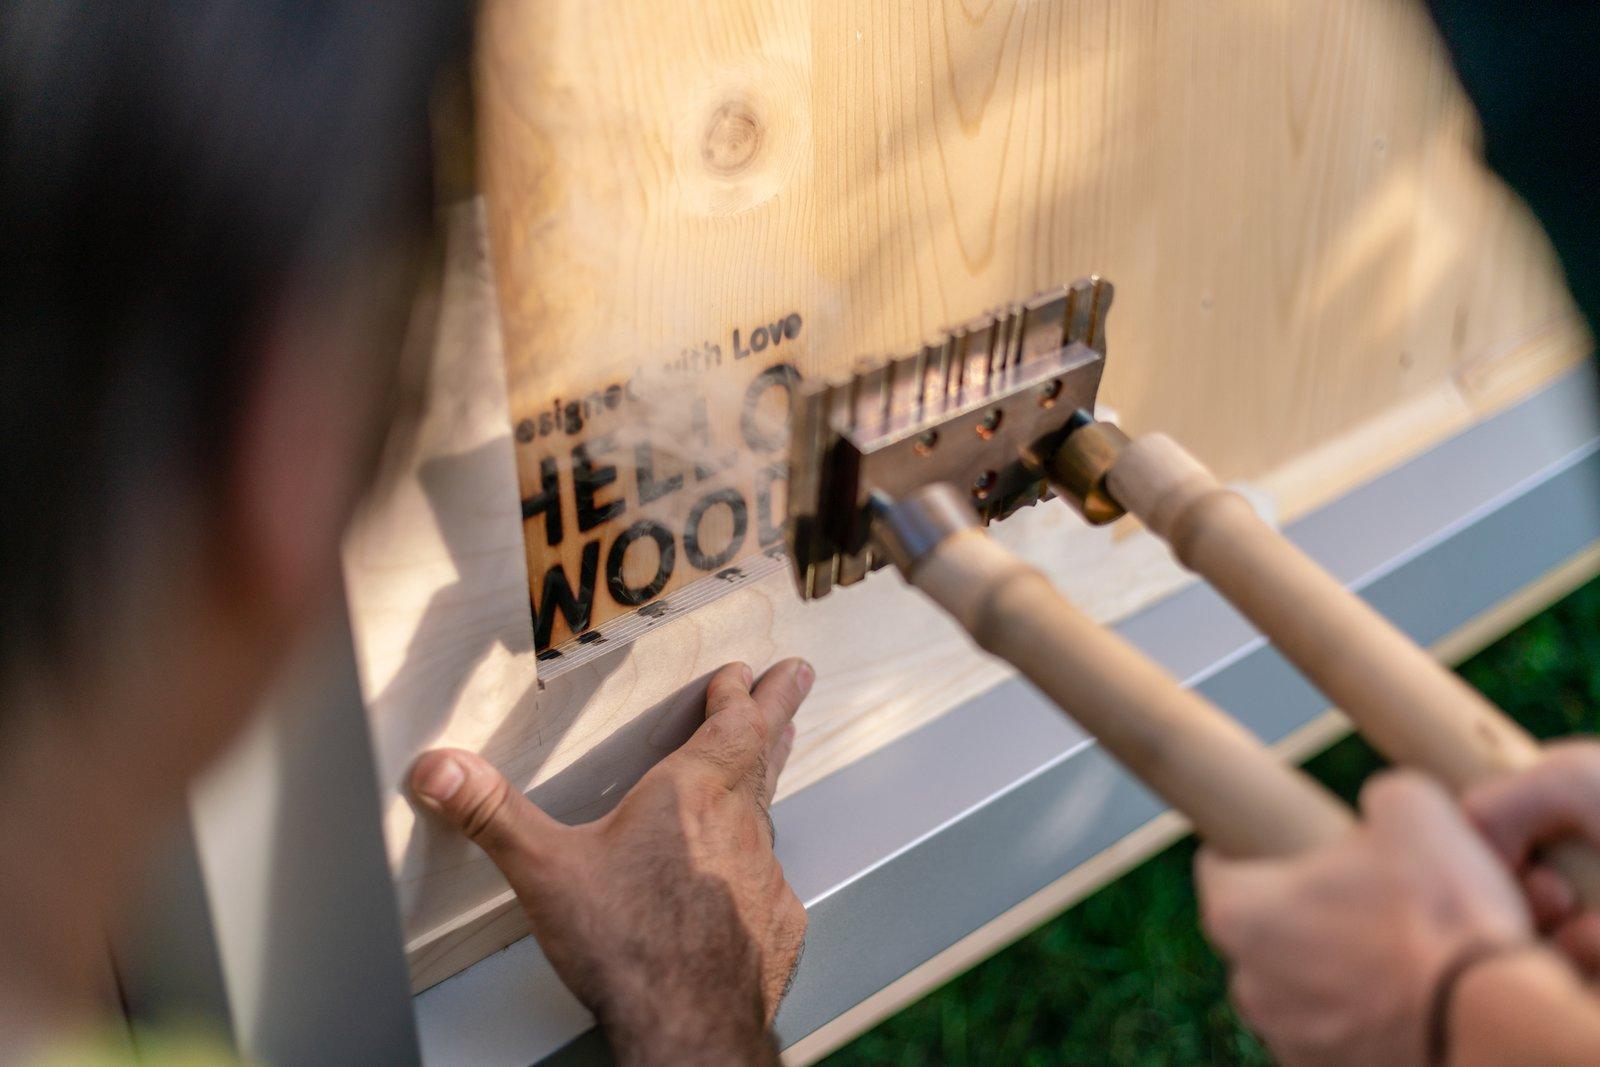 Es un proyecto del estudio húngaro Hello Wood